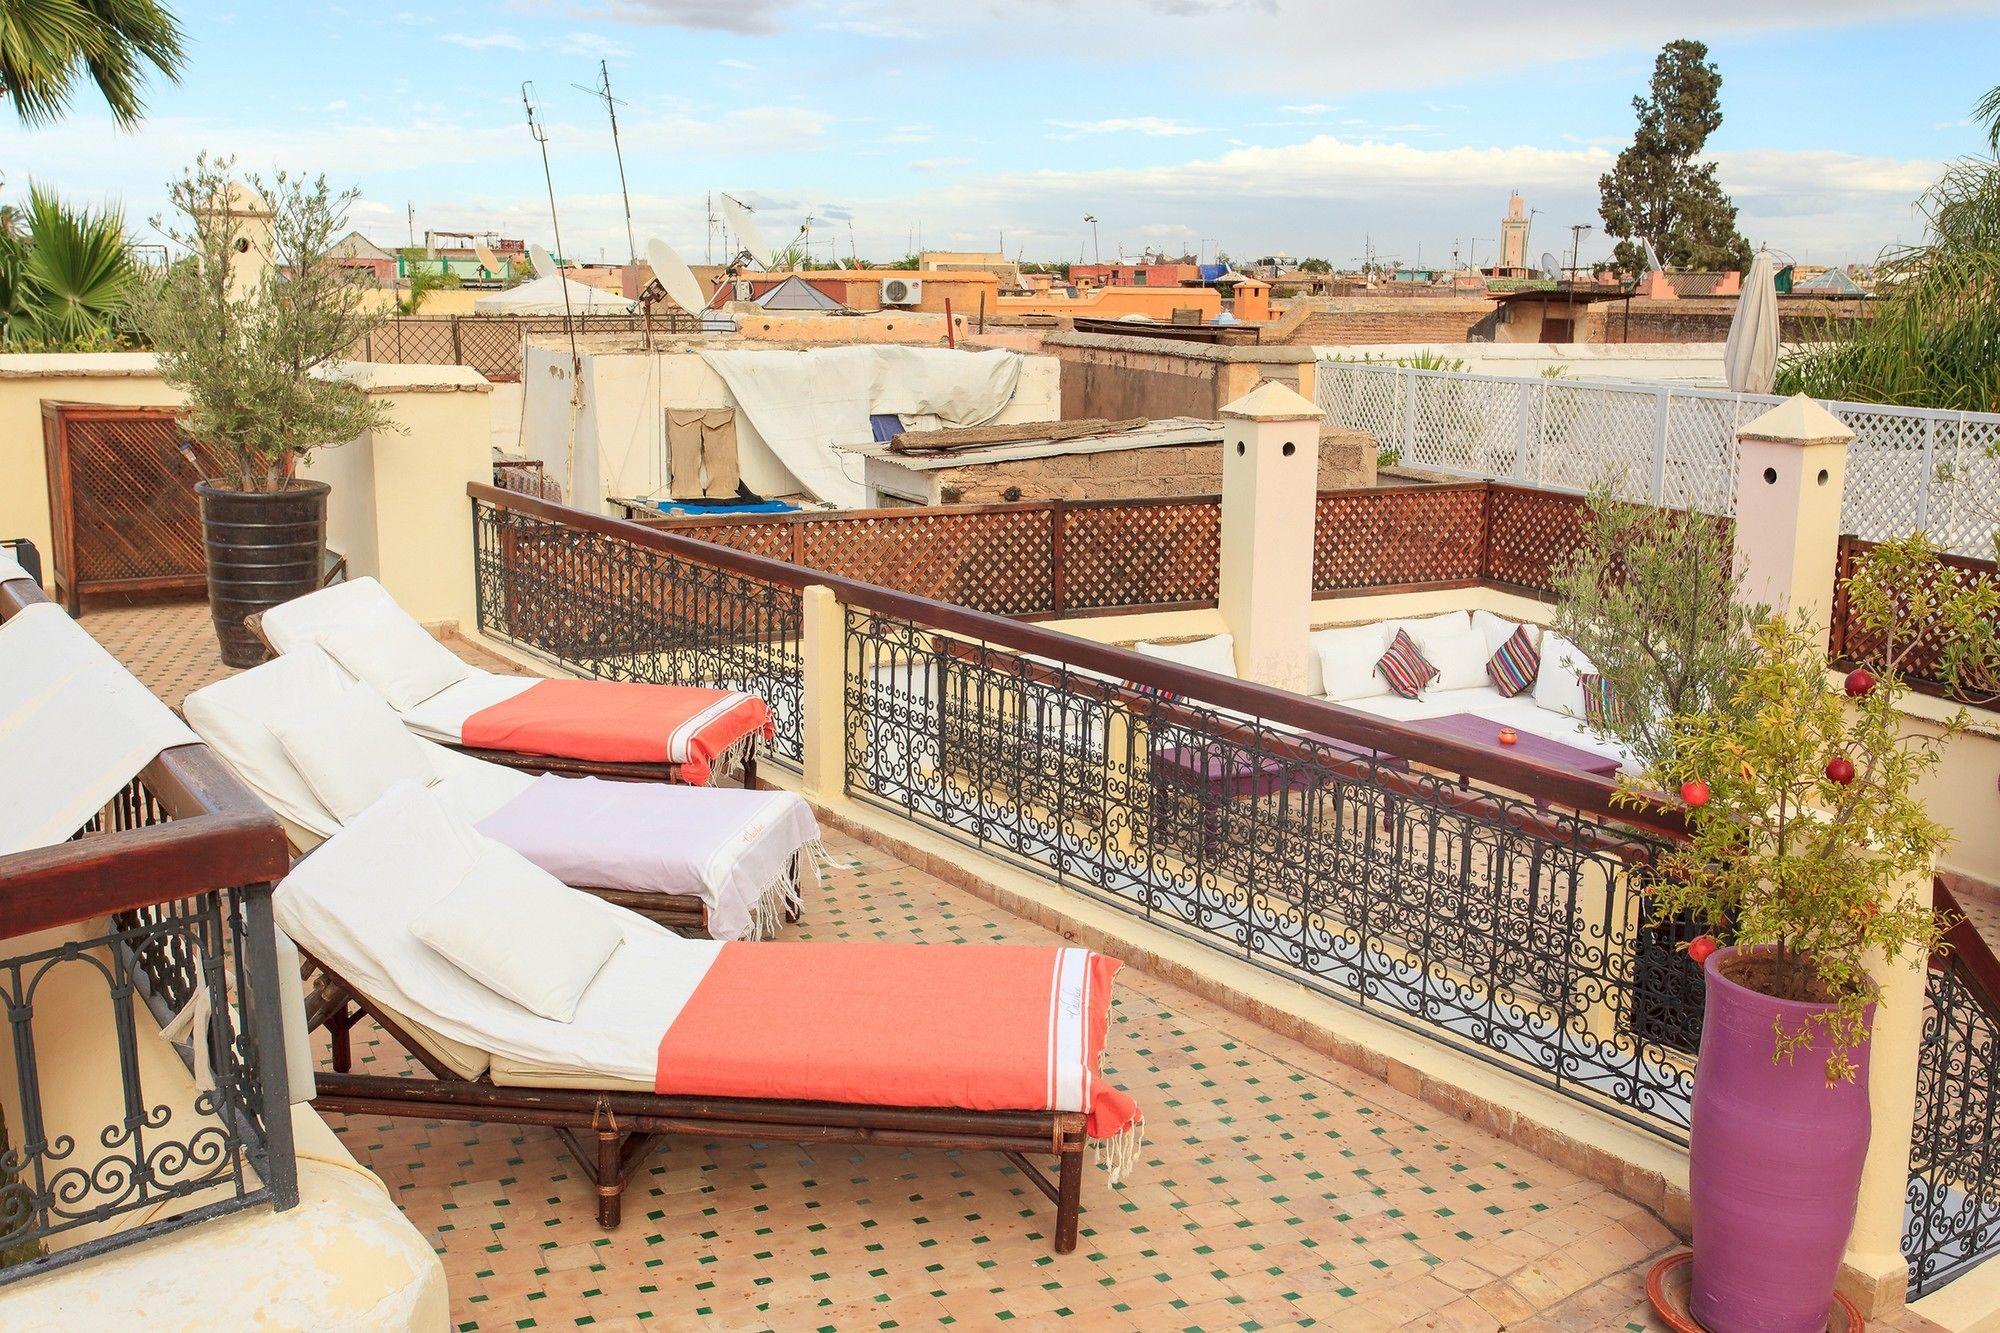 DAR CHARKIA - Morocco - Marrakech